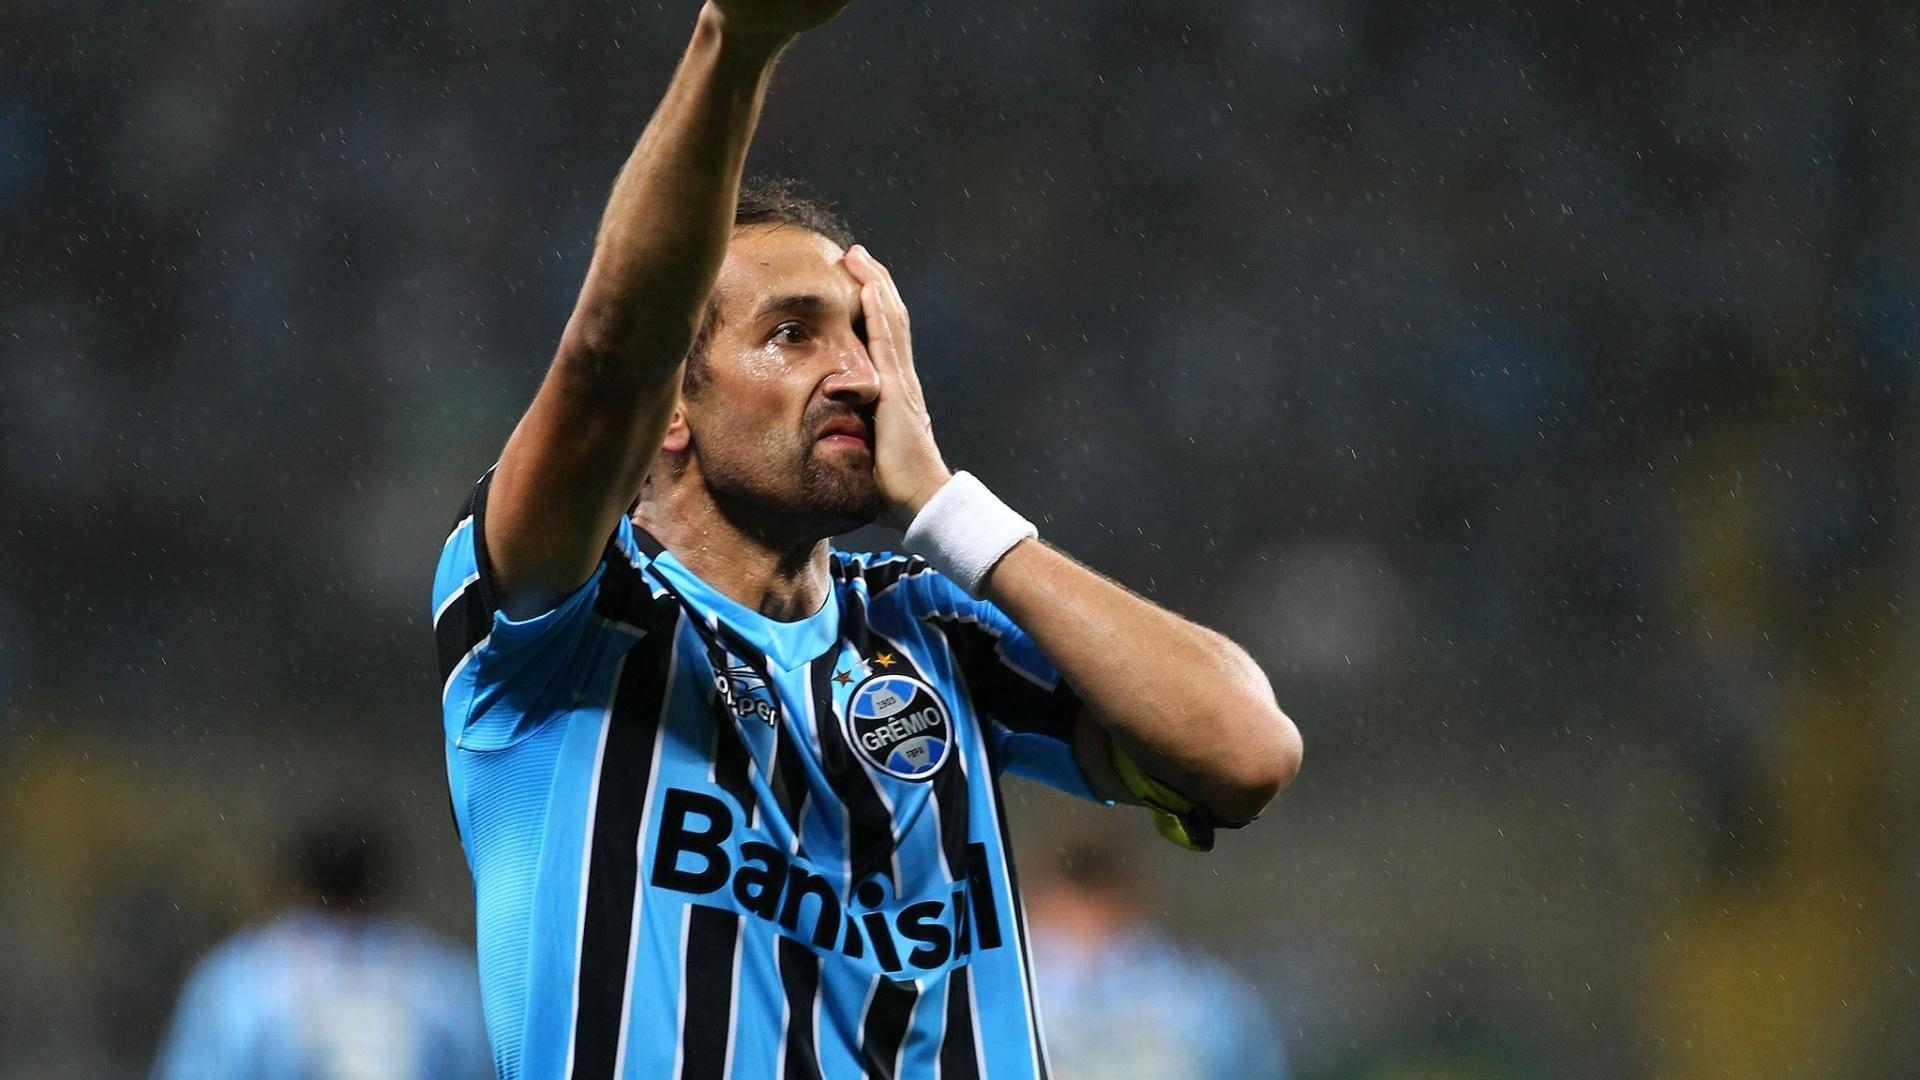 Barcos comemora gol da vitória do Grêmio sobre o Atlético-PR